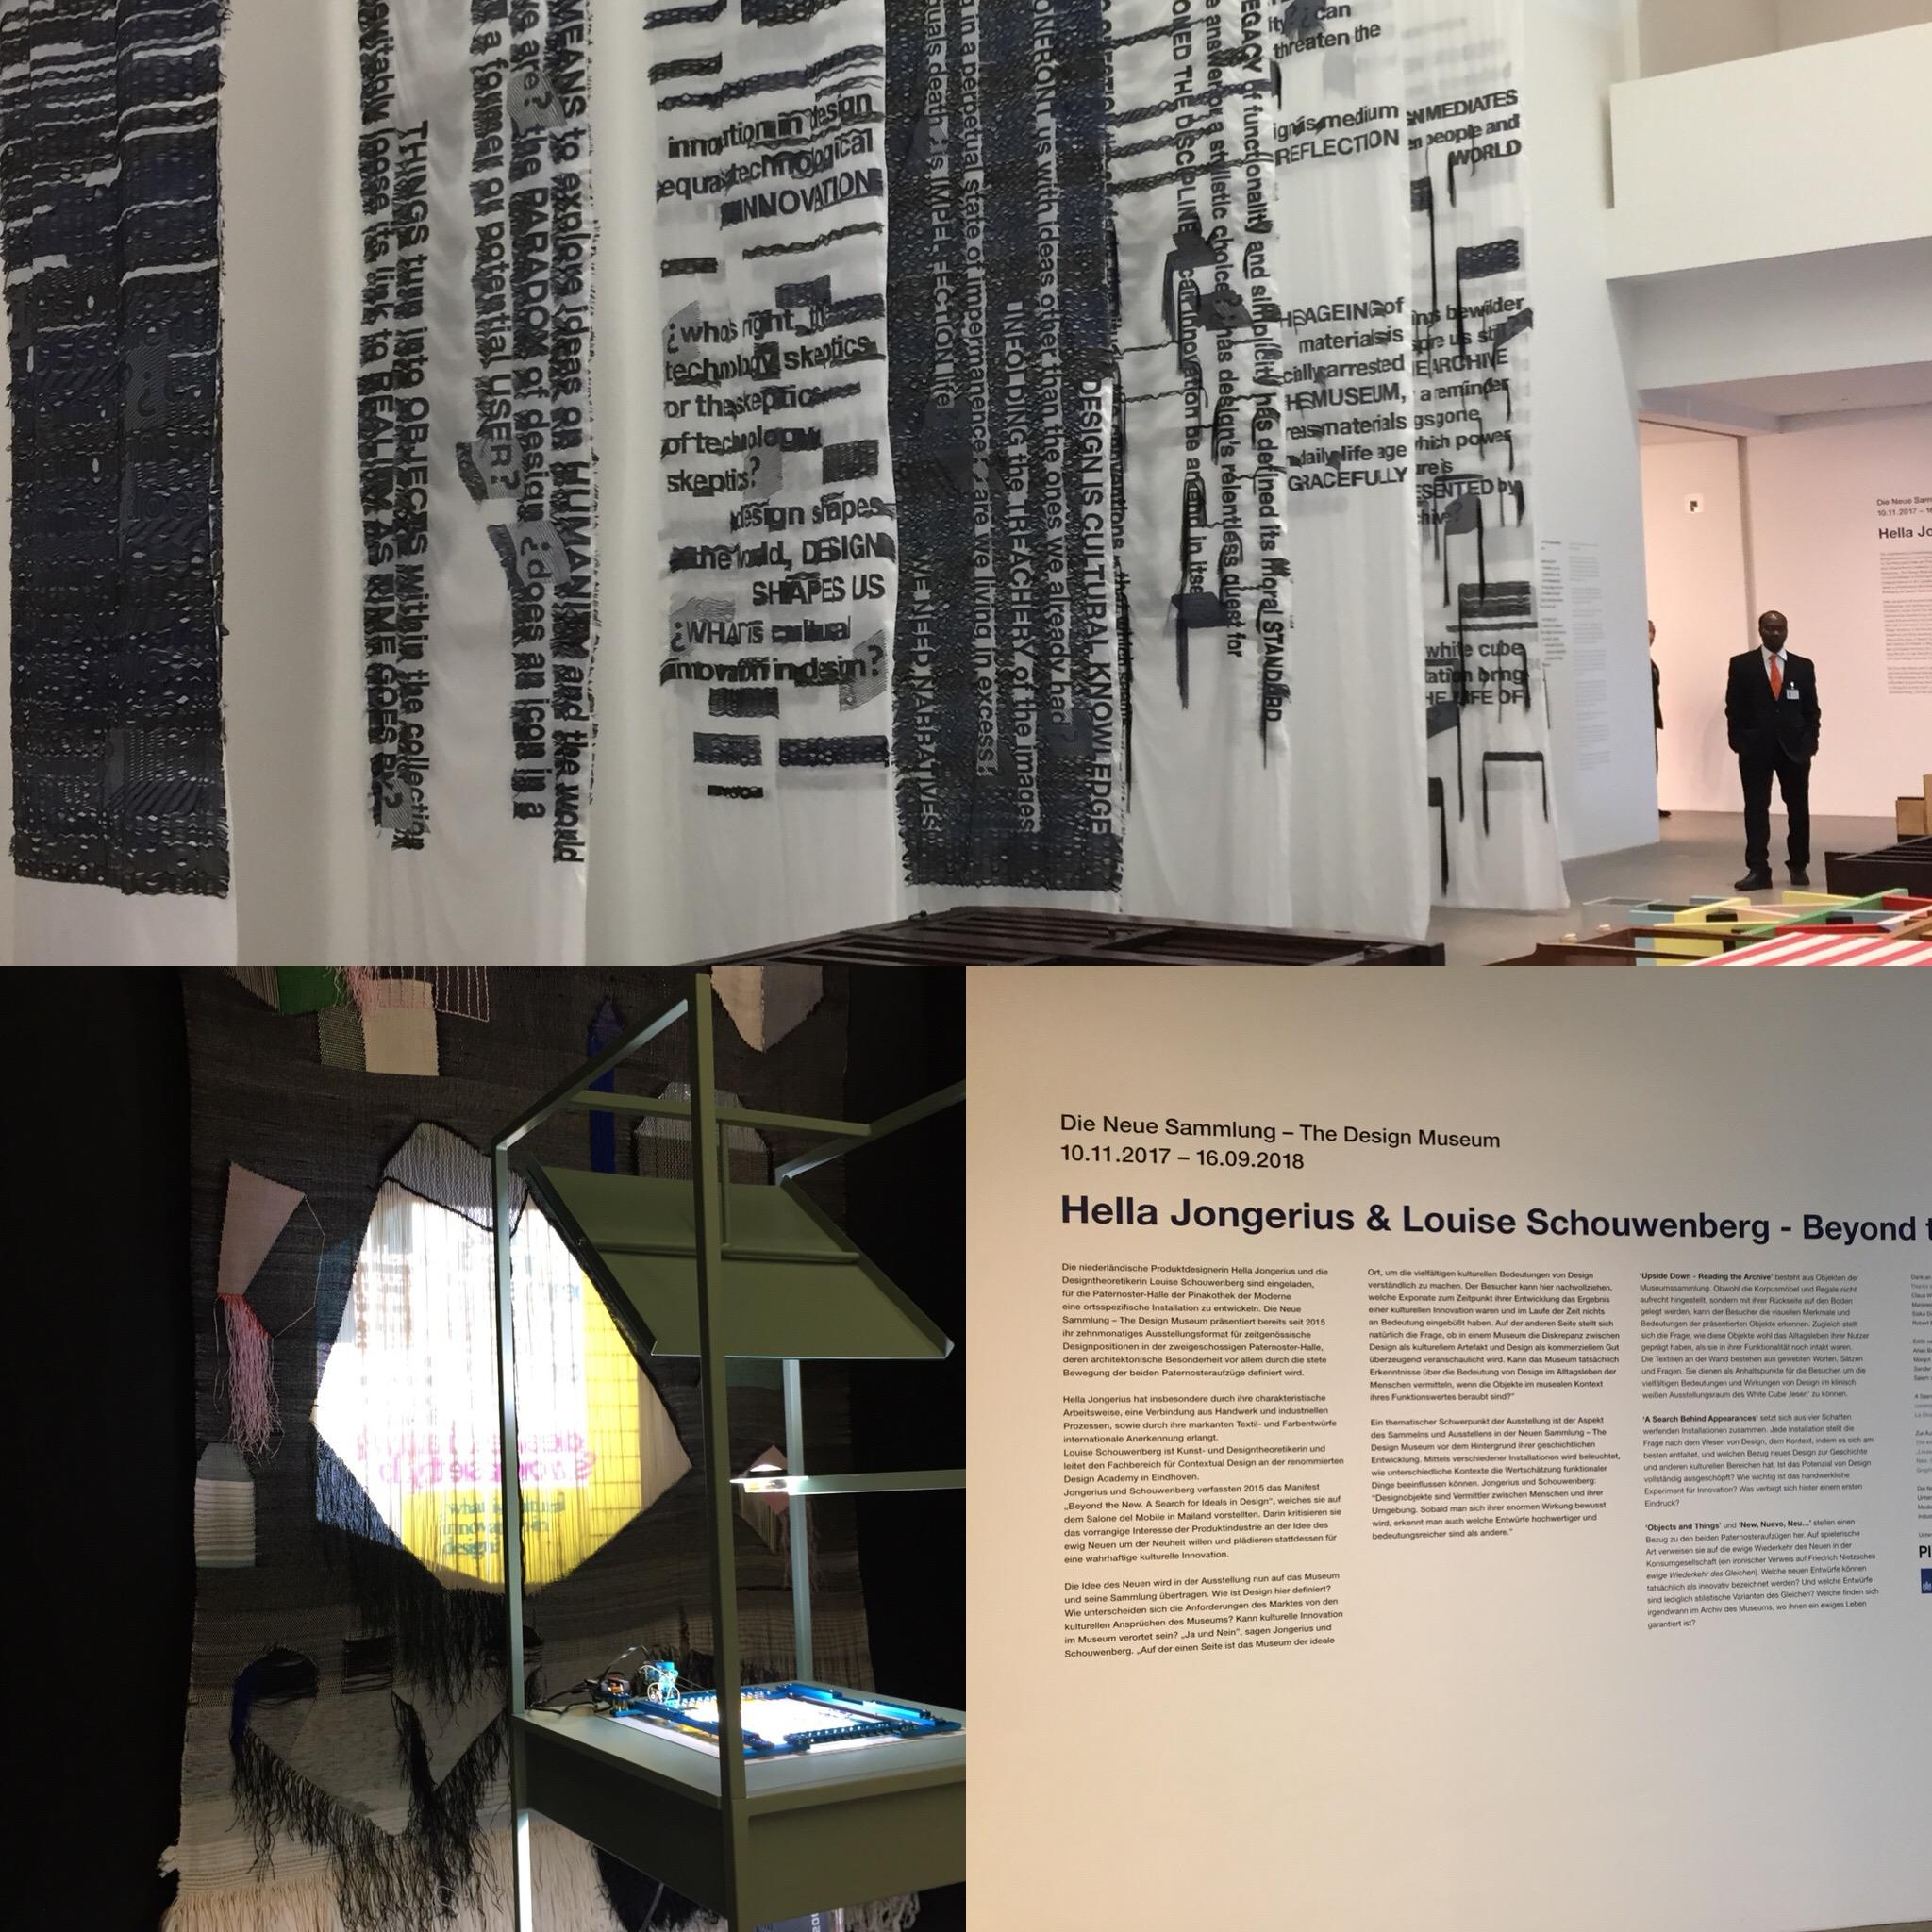 Hella Jongerius im Design Museum der Pinakothek der Moderne München ...